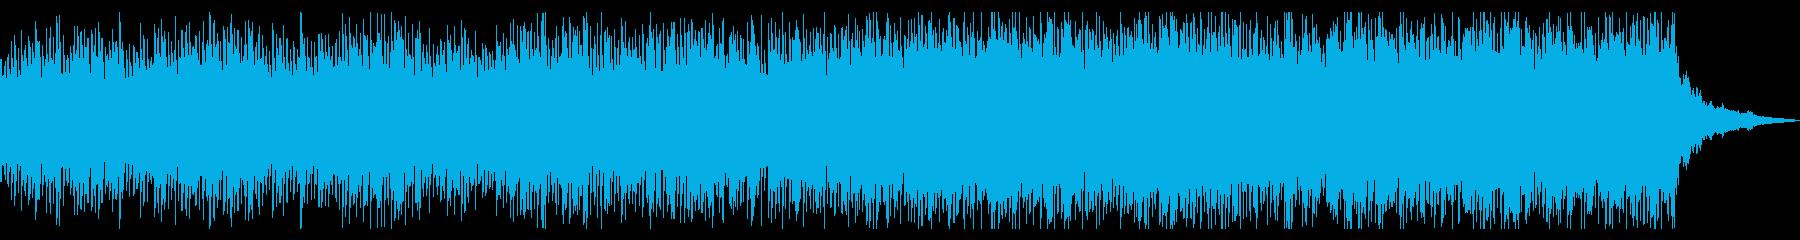 チェロとピアノのアンビエントの再生済みの波形